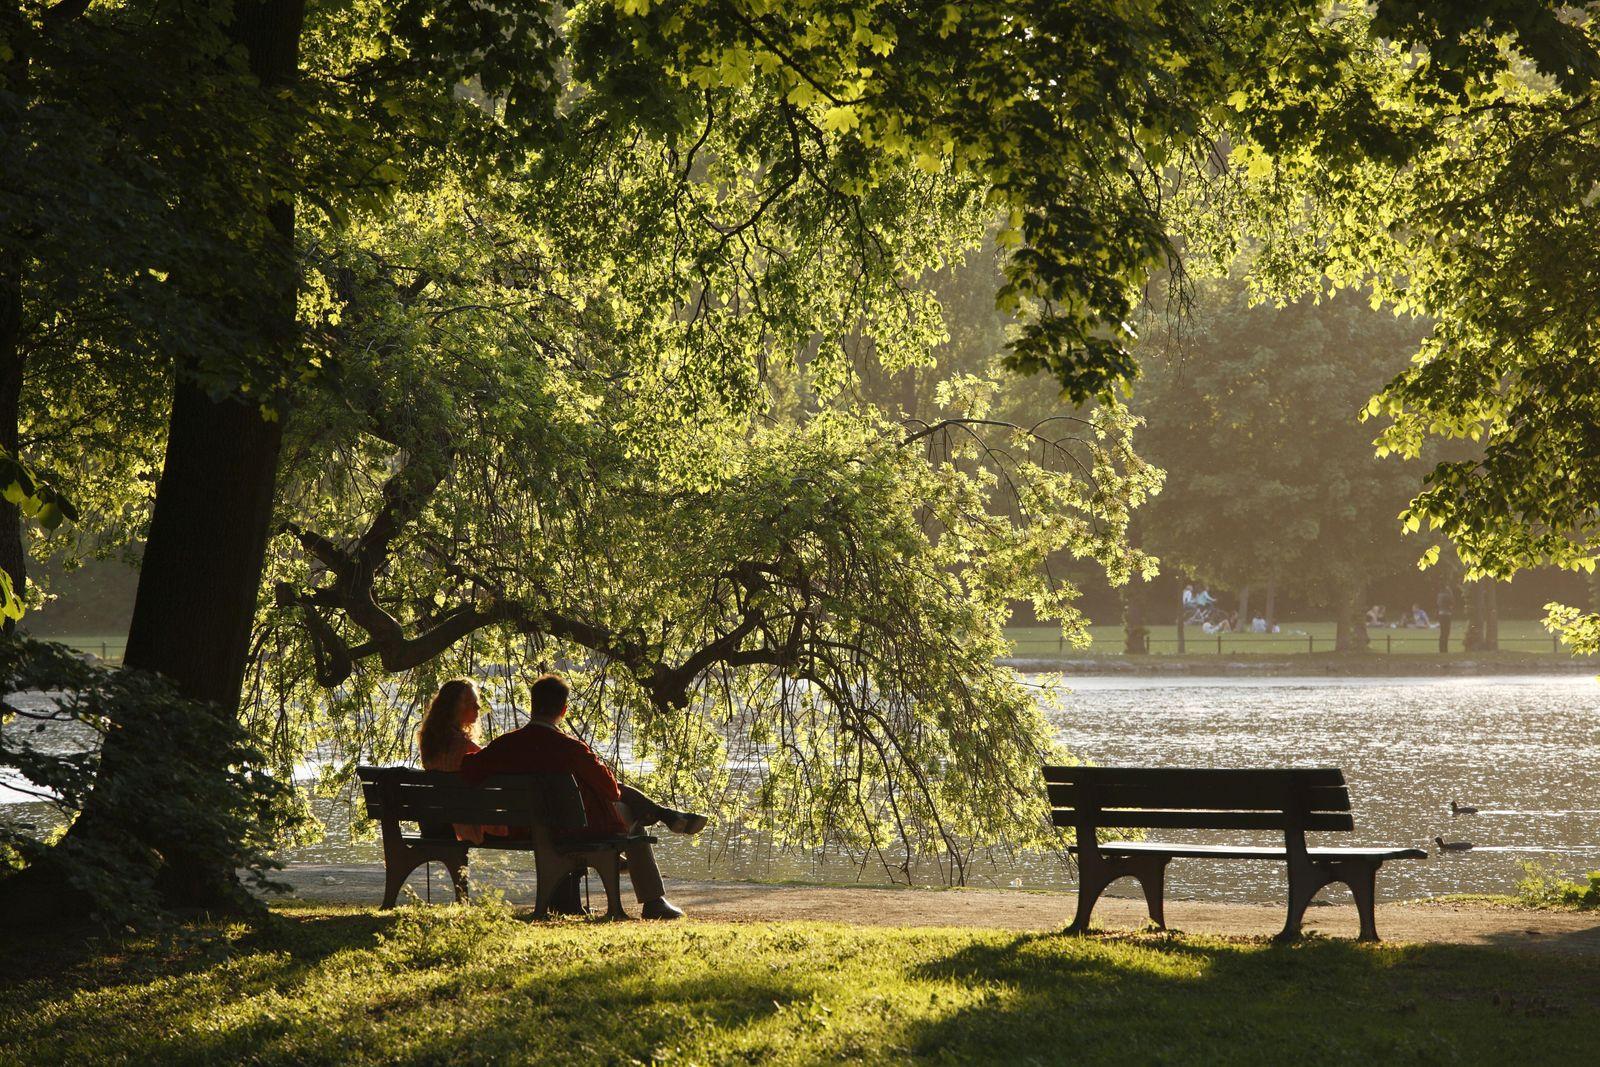 Paar auf Parkbank, Englischer Garten am Kleinhesseloher See, München, Oberbayern, Bayern, Deutschland, Europa